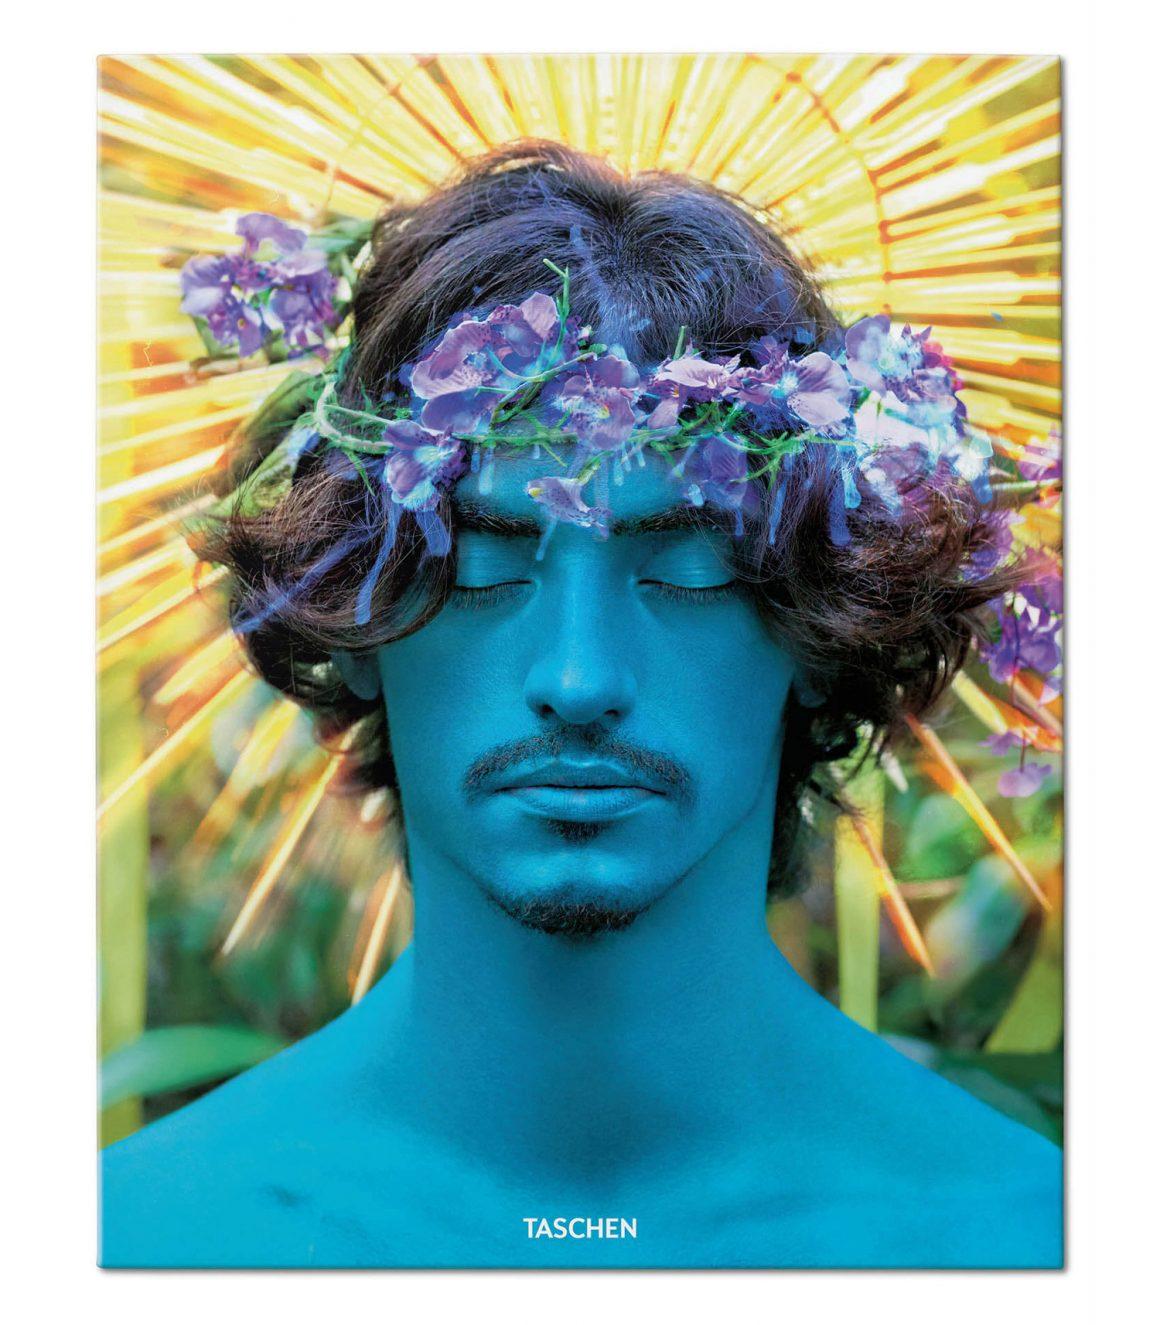 Le livre « Good News, part II » de David Lachapelle